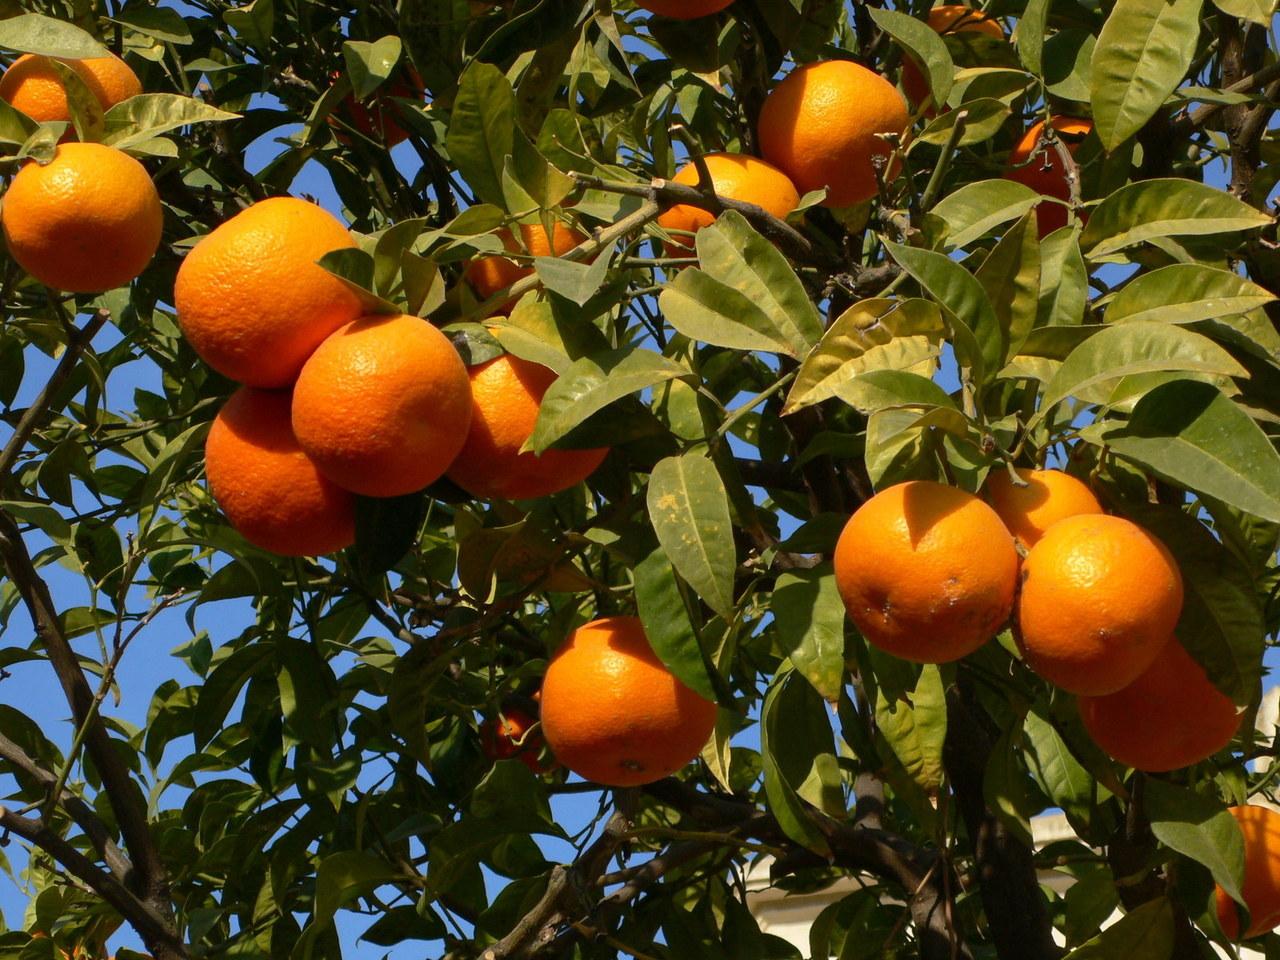 oranges-at-tree-1325437-1280x960